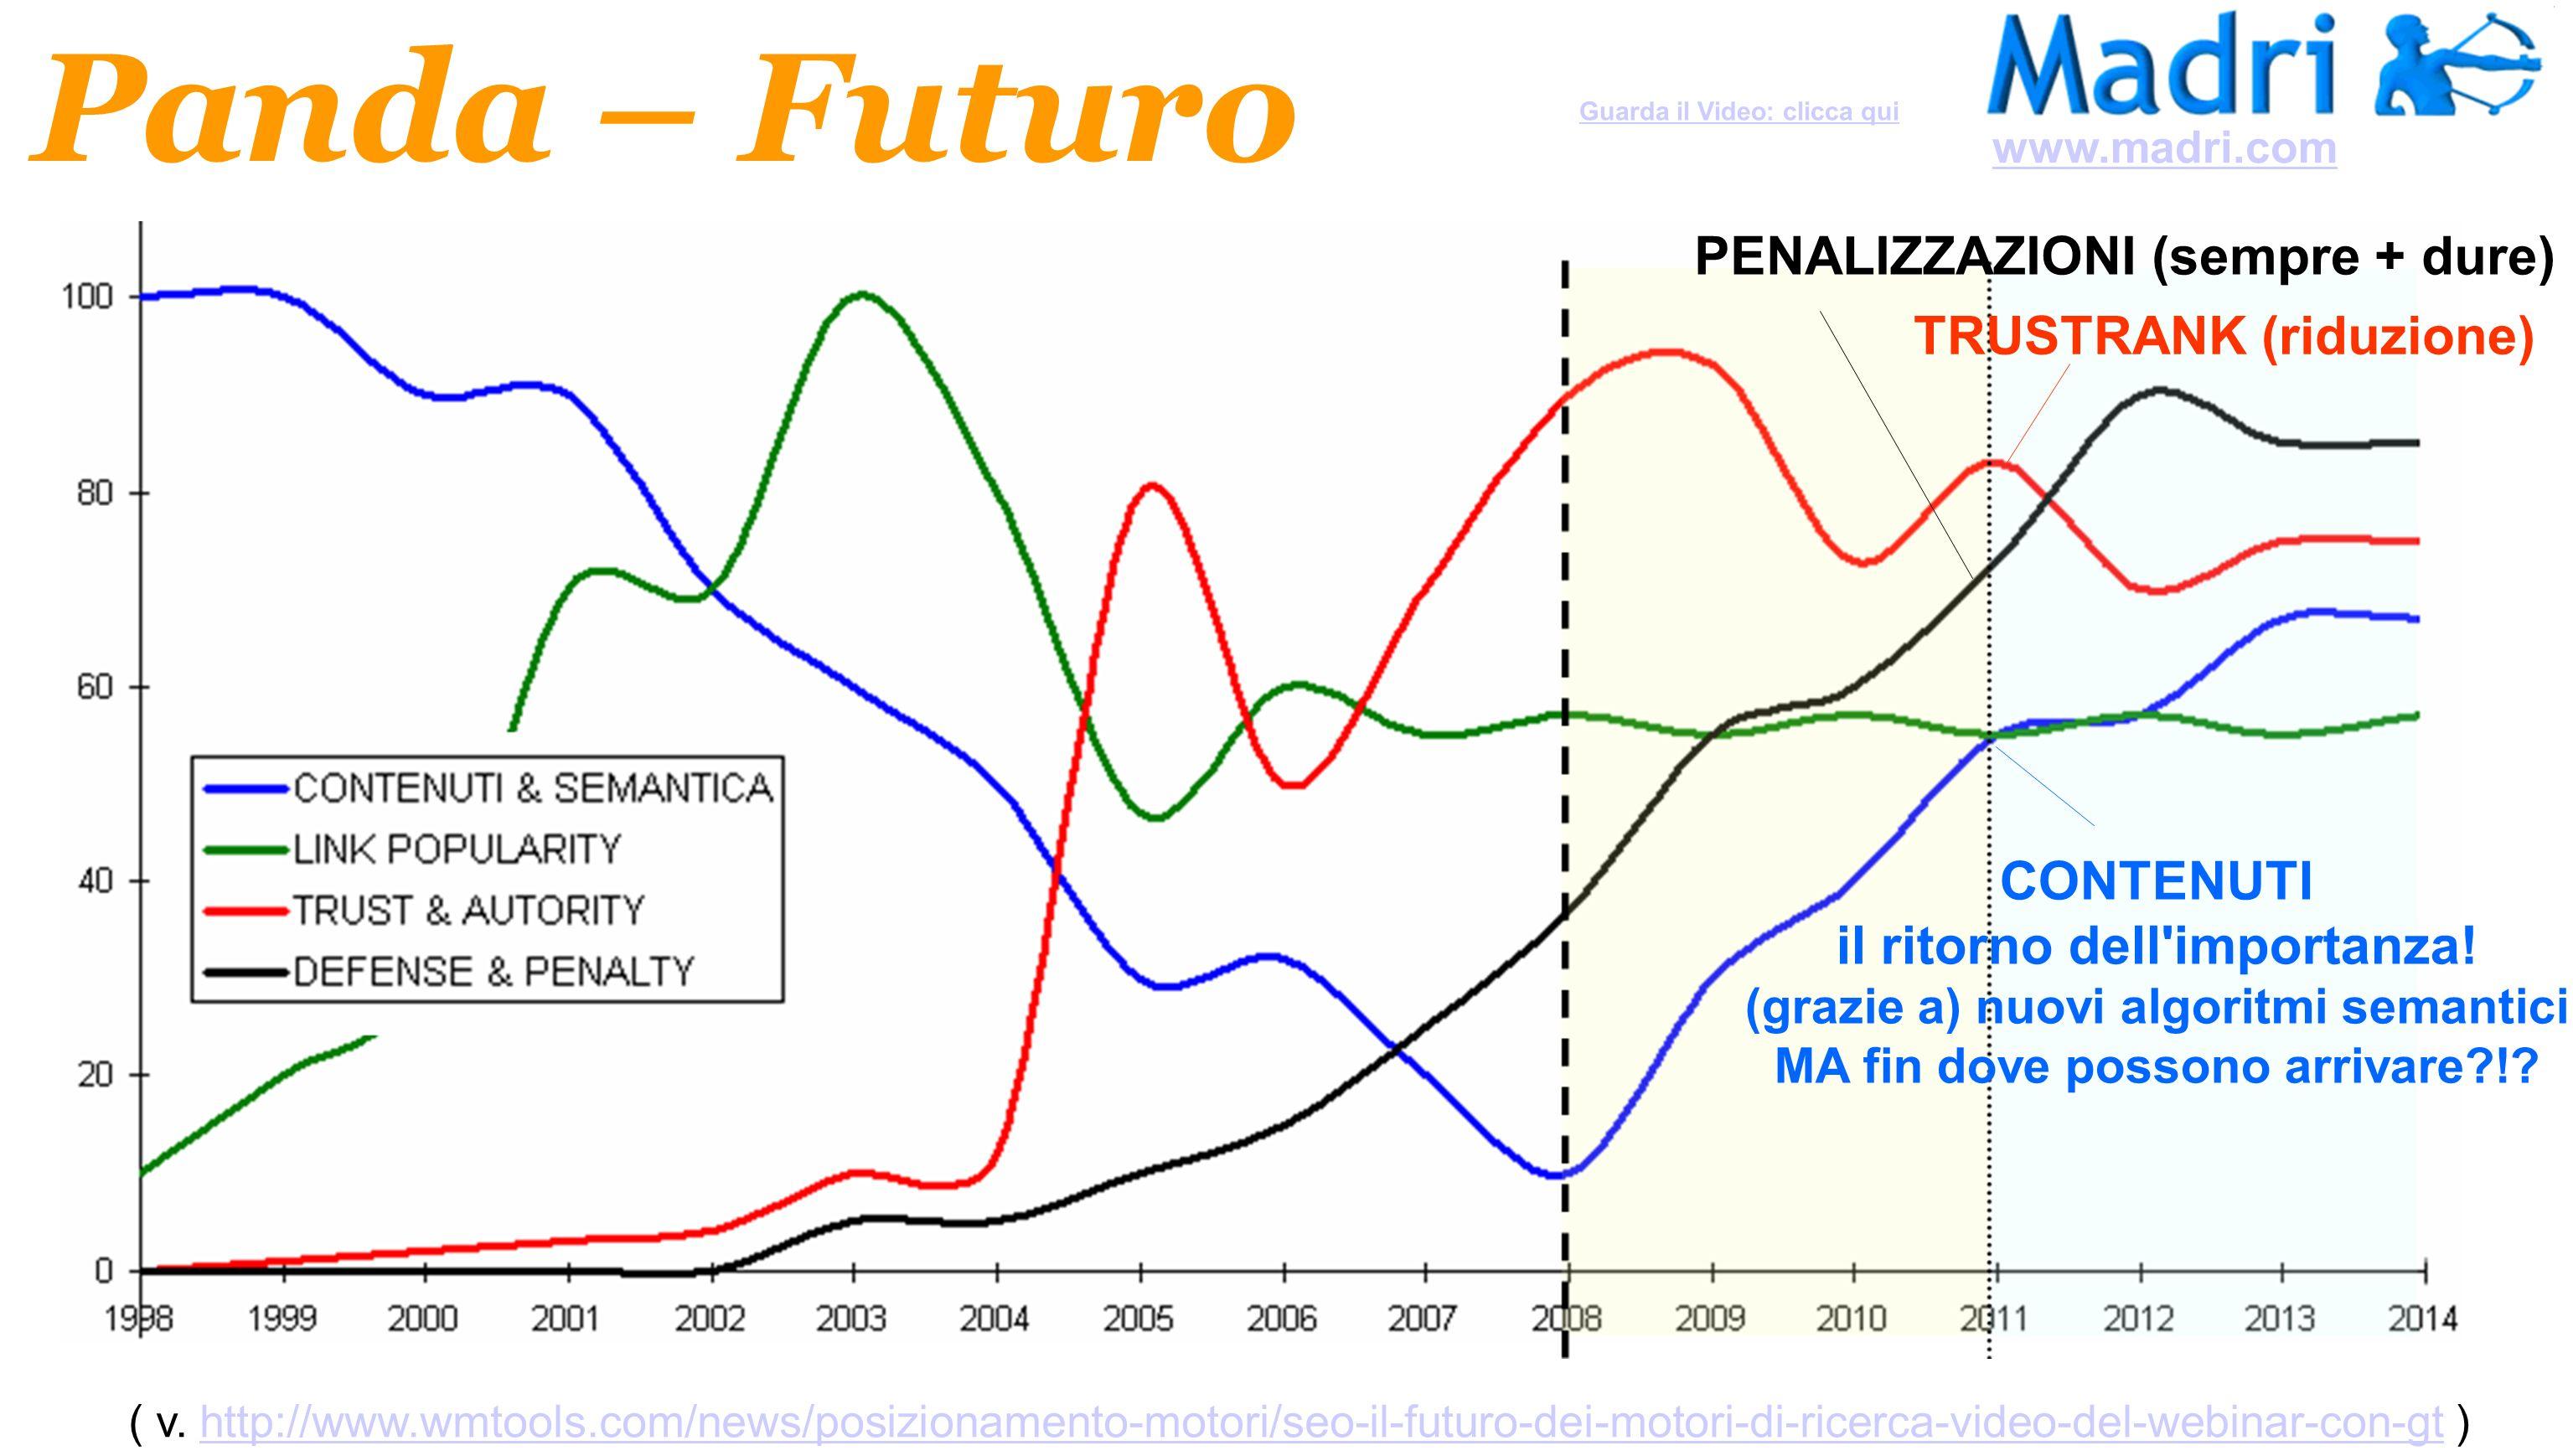 Panda – Futuro ( v. http://www.wmtools.com/news/posizionamento-motori/seo-il-futuro-dei-motori-di-ricerca-video-del-webinar-con-gt )http://www.wmtools